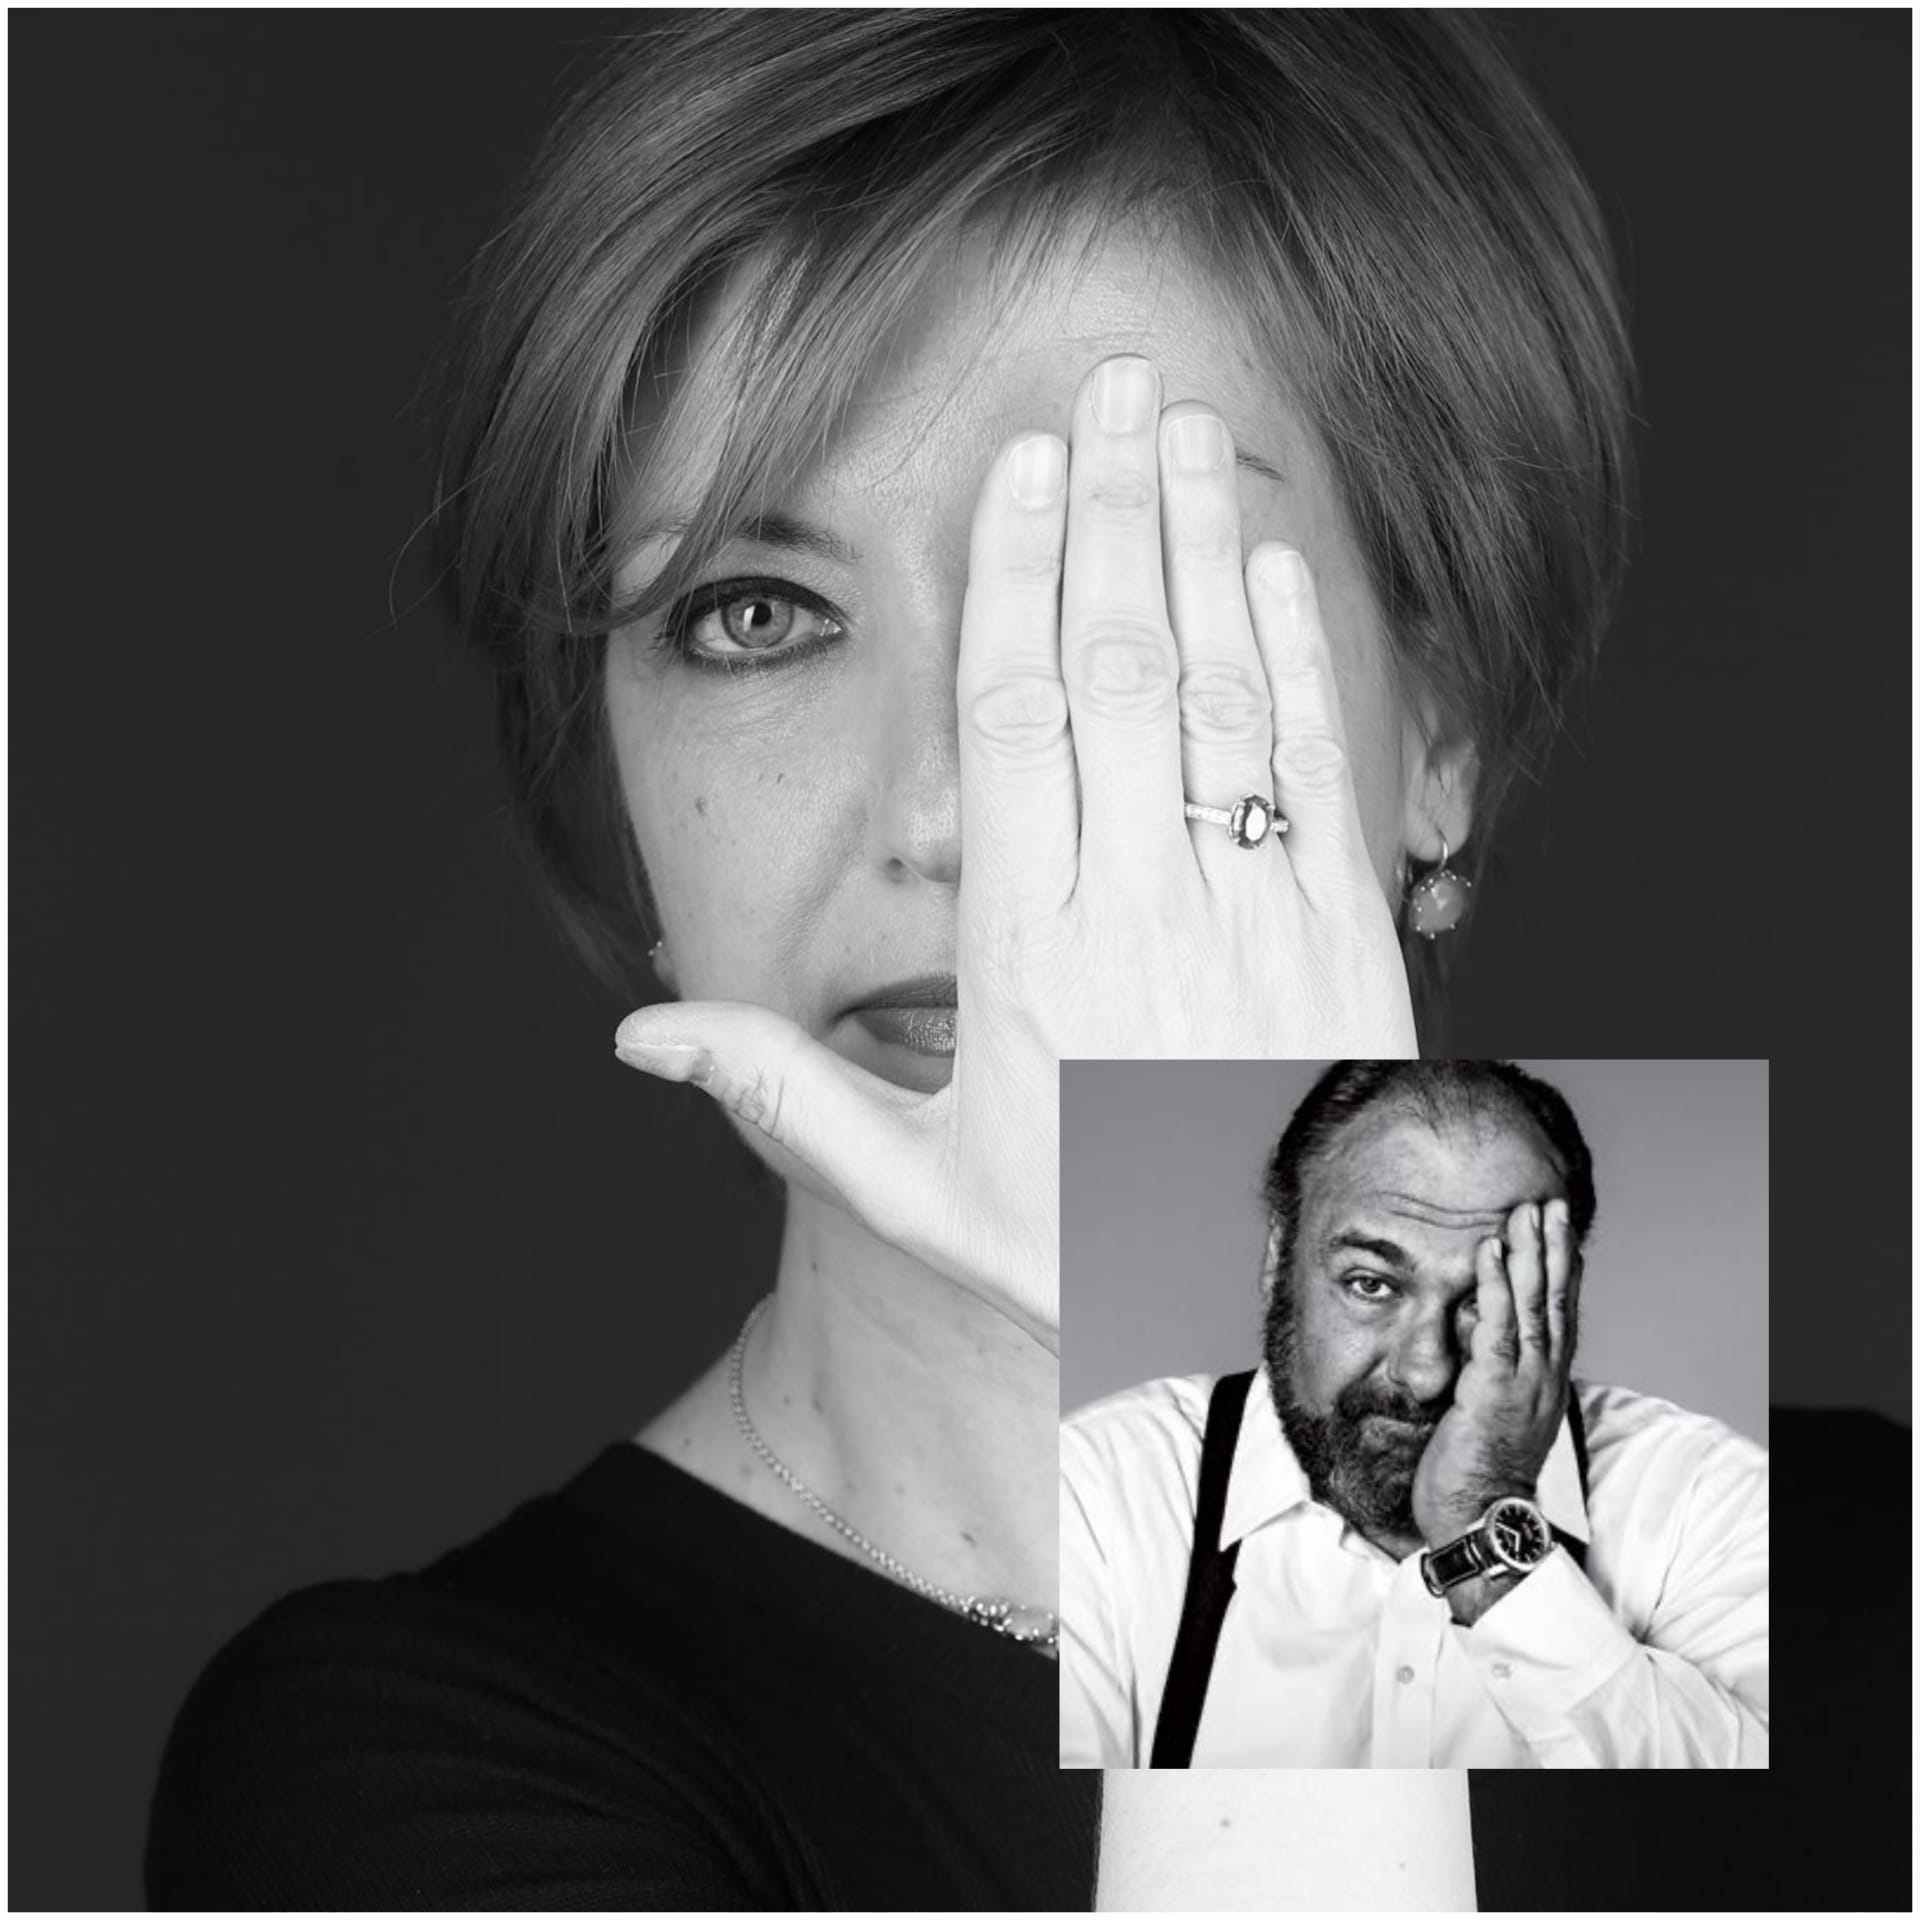 In foto: l'autrice e critica cinematografica Marzia Gandolfi (nel riquadro, l'attore James Gandolfini))